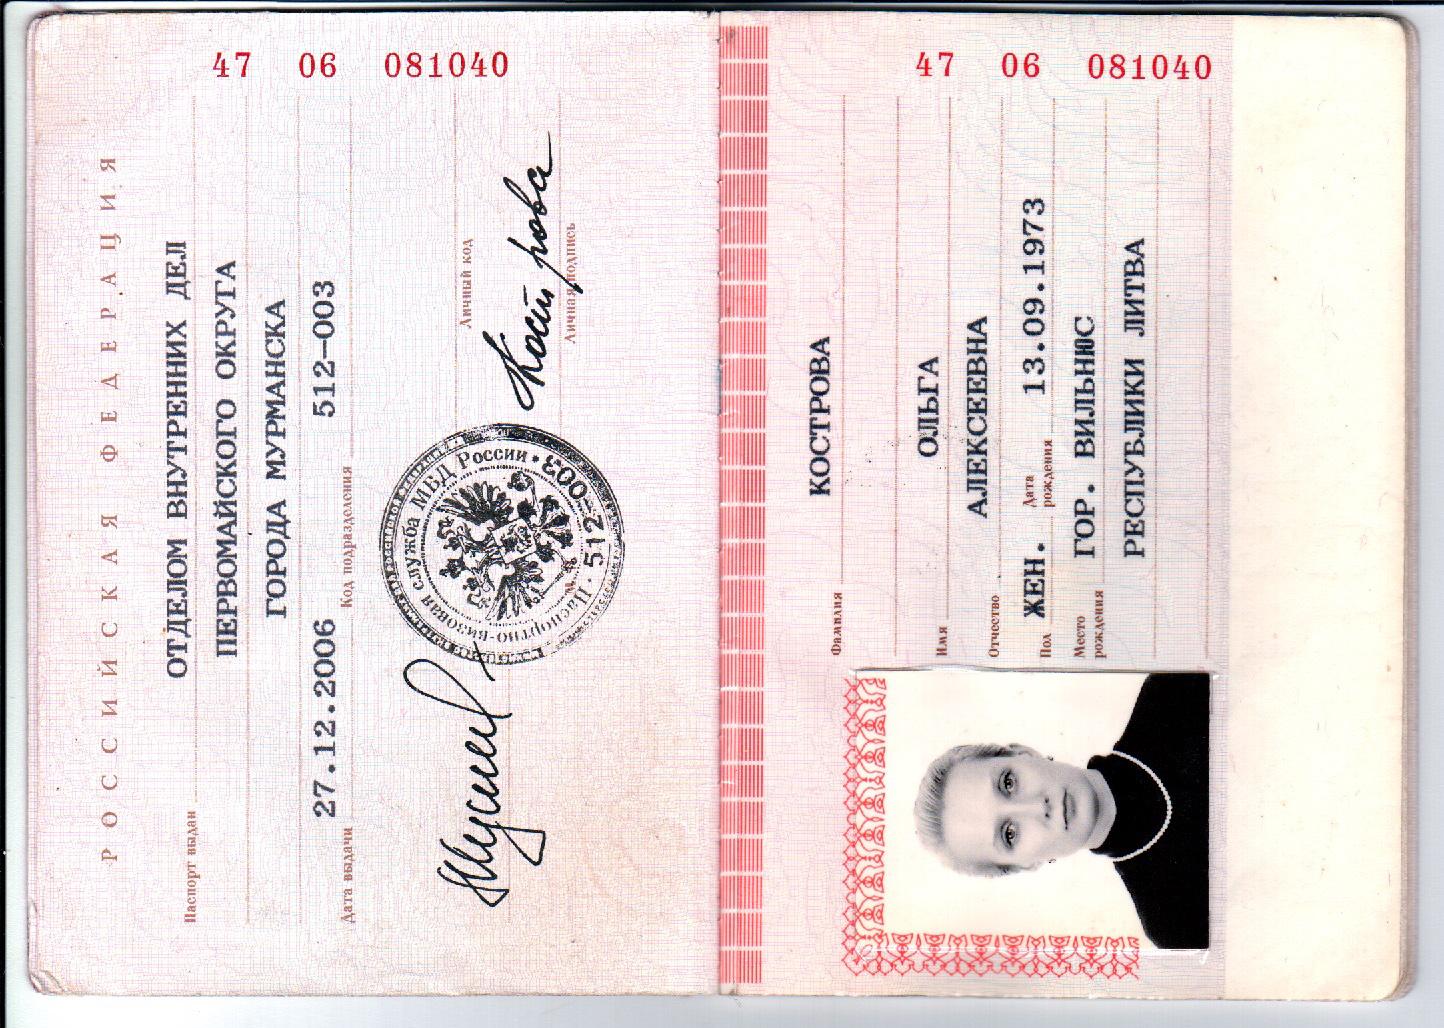 Потерял паспорт, что делать? - совет юриста 93